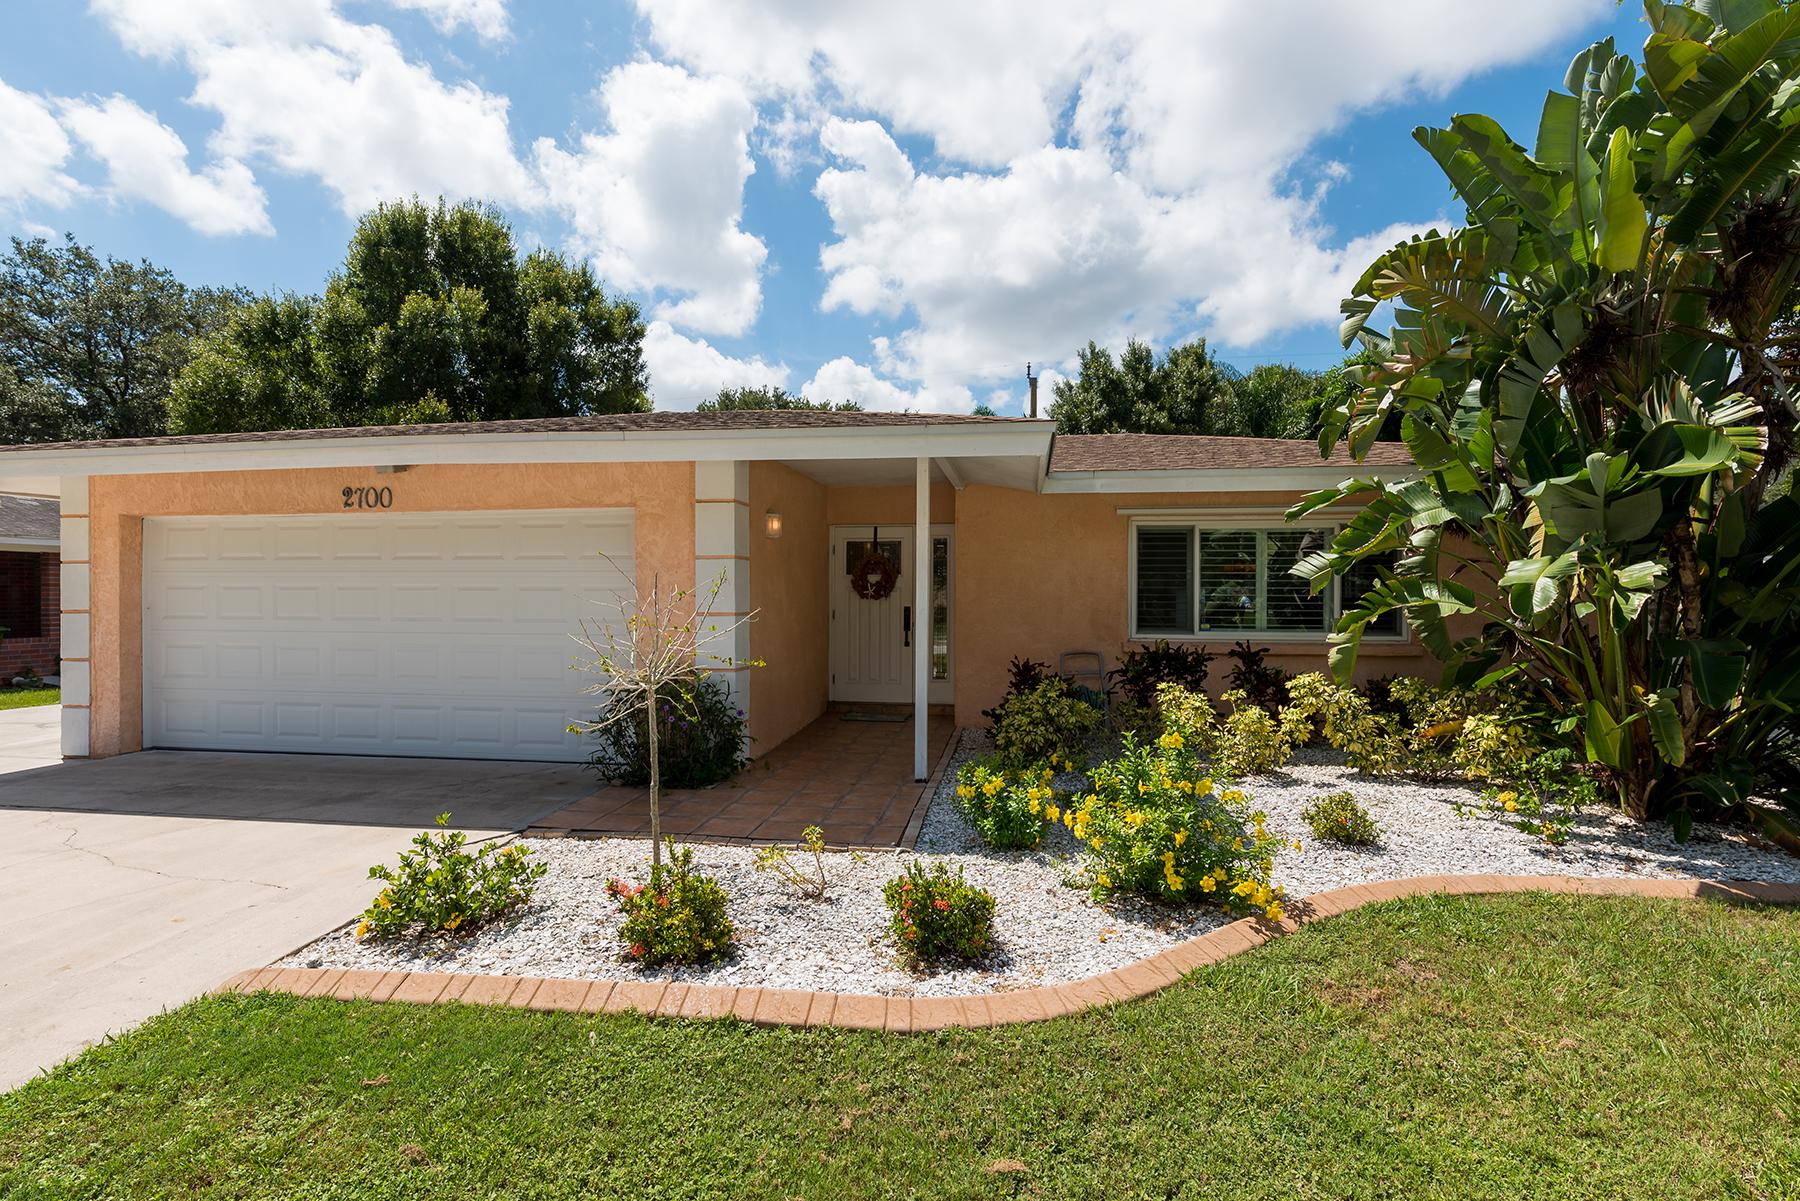 Maison unifamiliale pour l Vente à SARASOTA 2700 Prospect St Sarasota, Florida, 34239 États-Unis